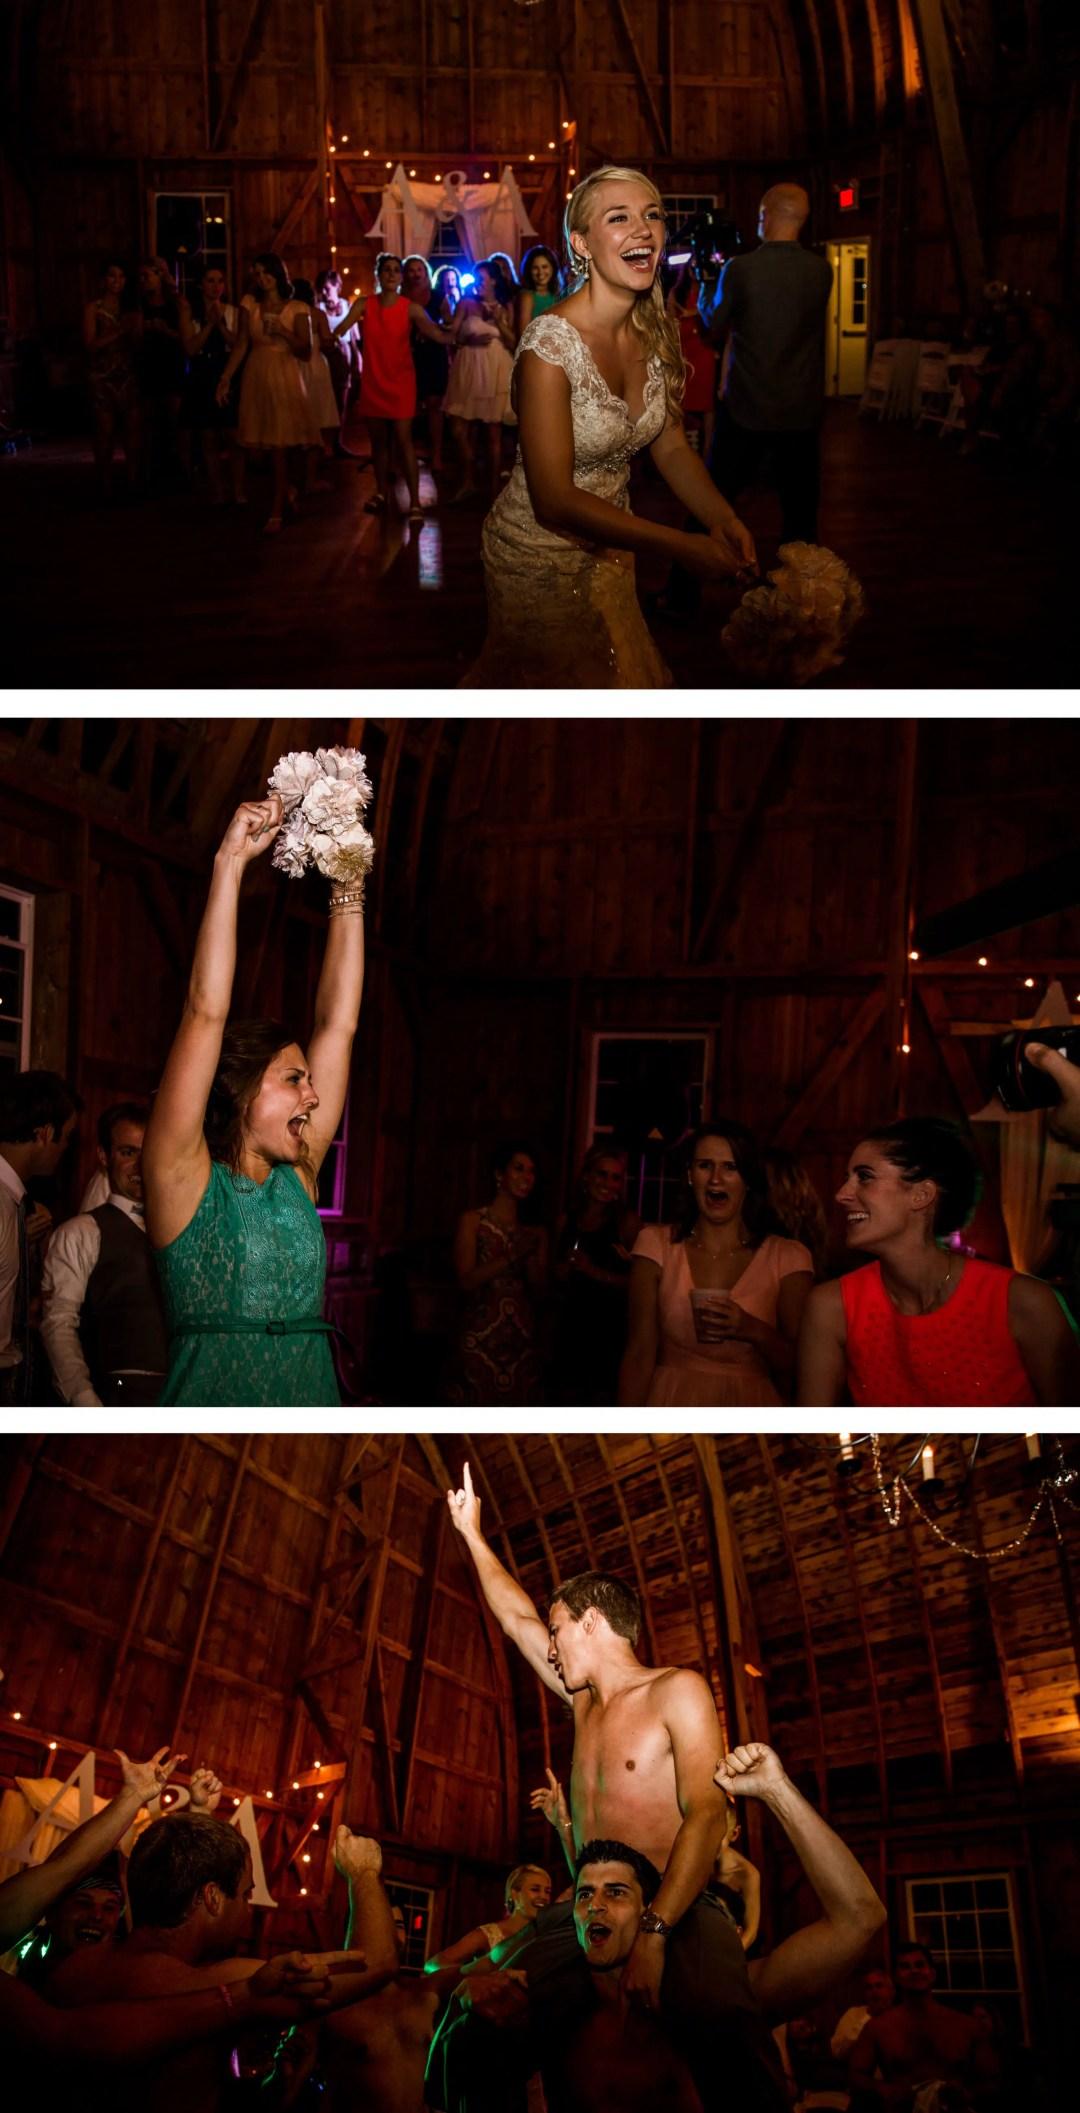 Sussex wedding photographer -Barn reception bouquet toss